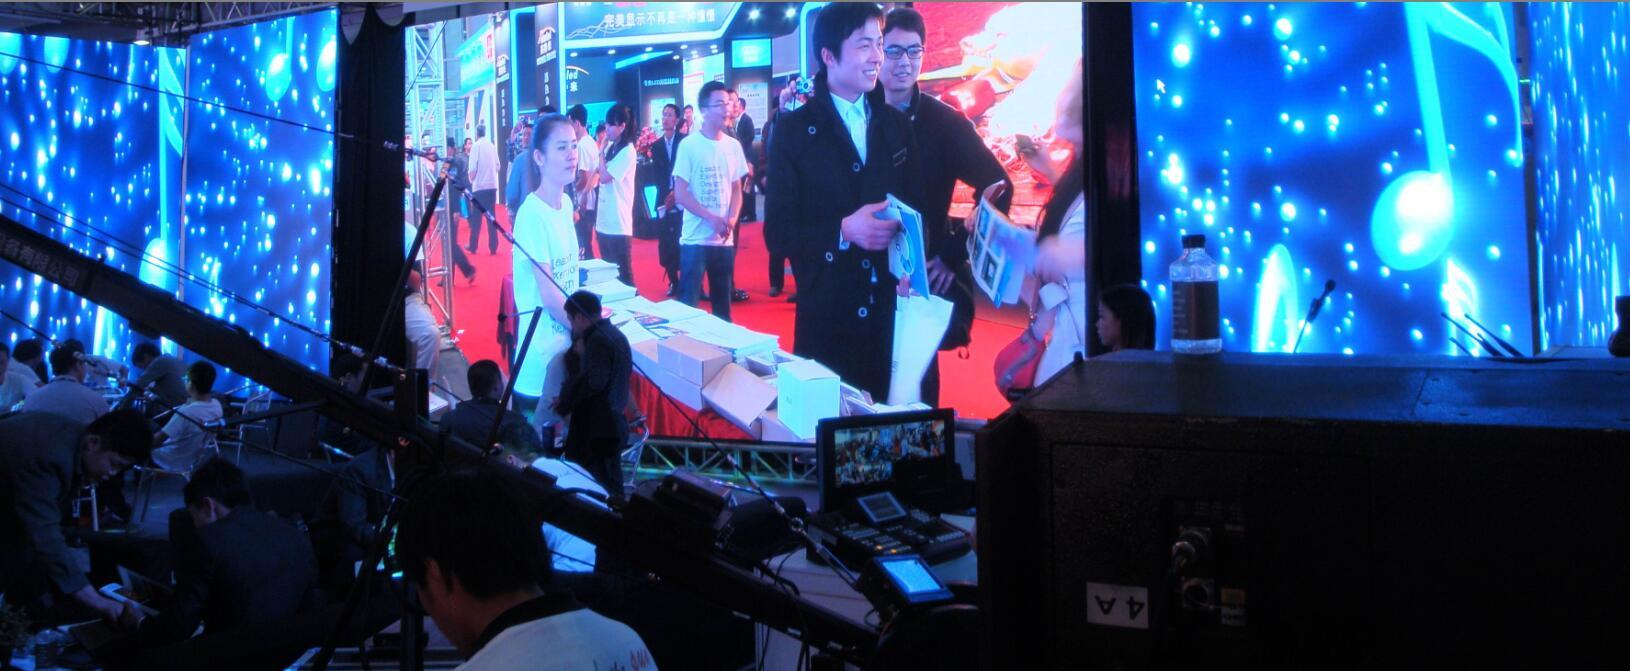 供应沈阳LED显示屏|专业沈阳LED显示屏供应商当属沈阳菁华鑫盛经贸